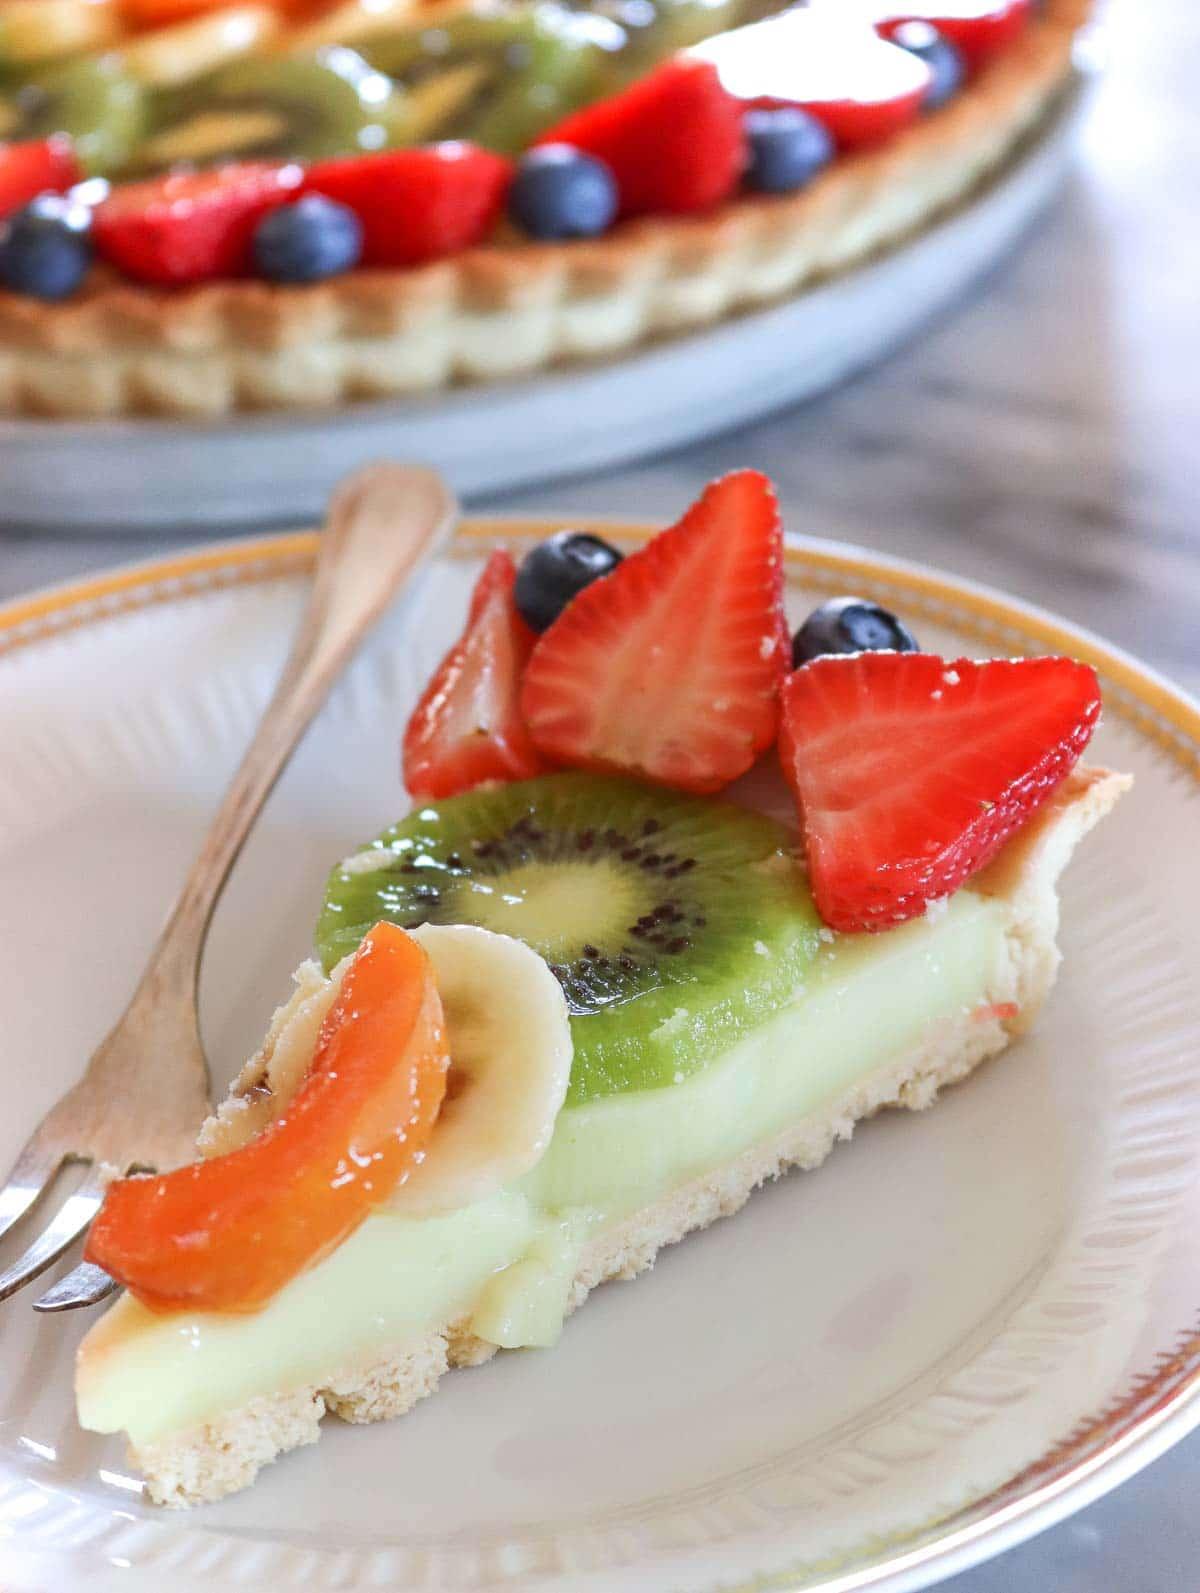 fetta di crostata alla frutta con frutta sopra